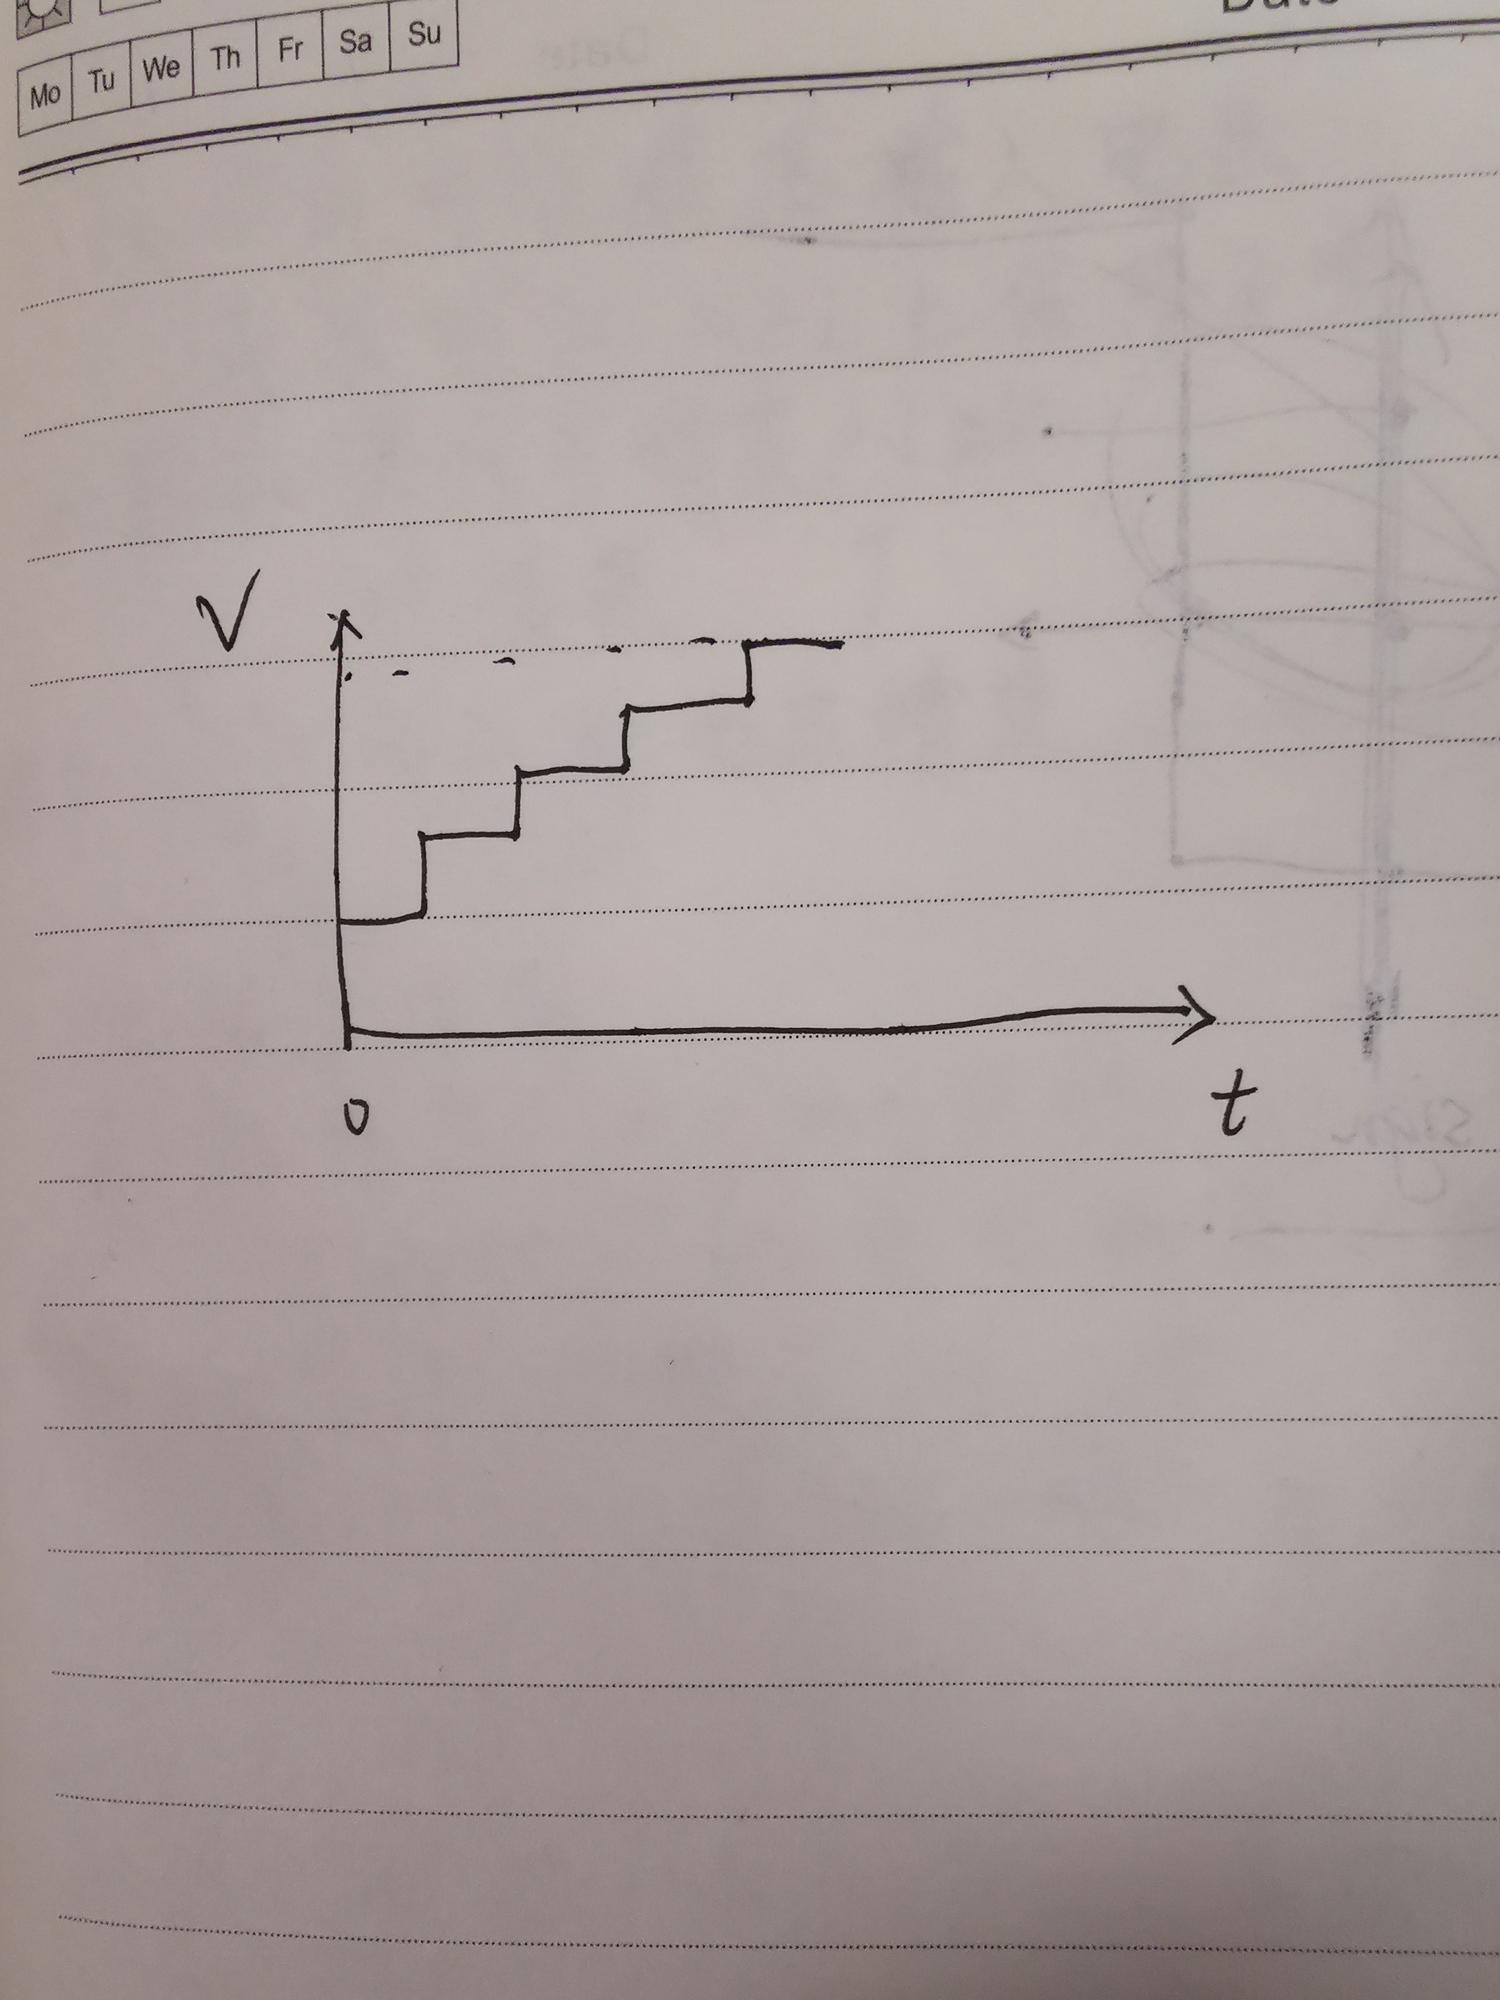 YJ7XIHC{QINSFU3}DFVX`[D.jpg